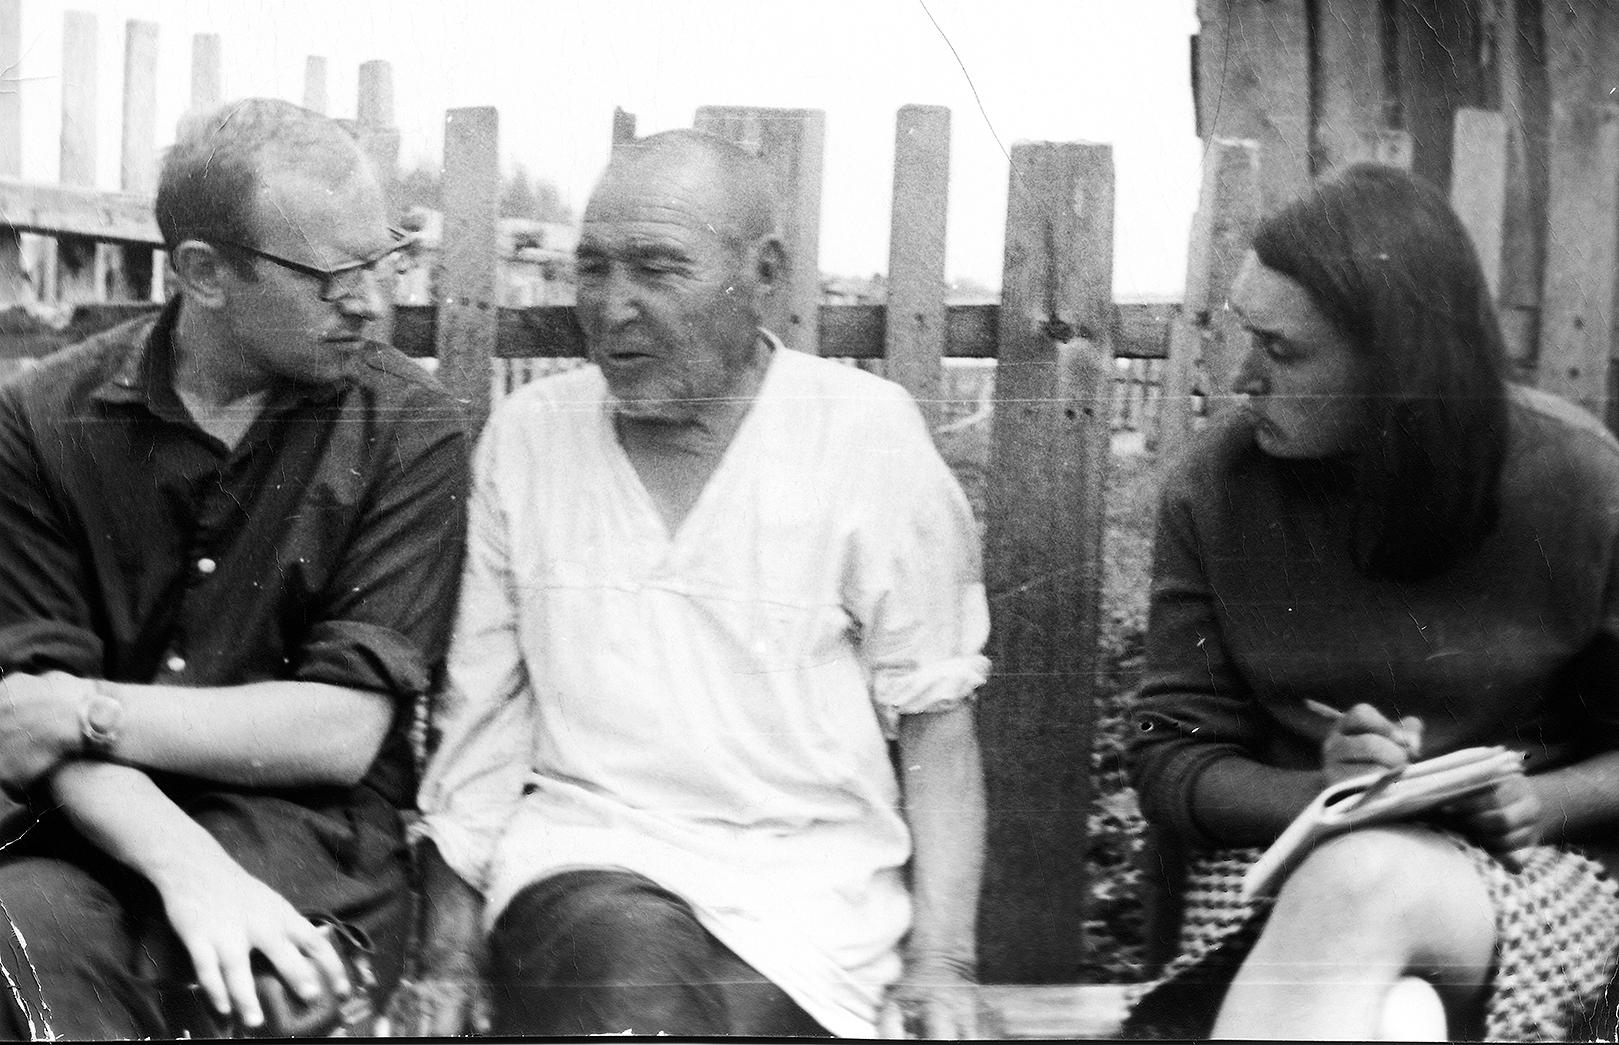 Фото 1. Н.А. Томилов в экспедиции. 1970-е годы.